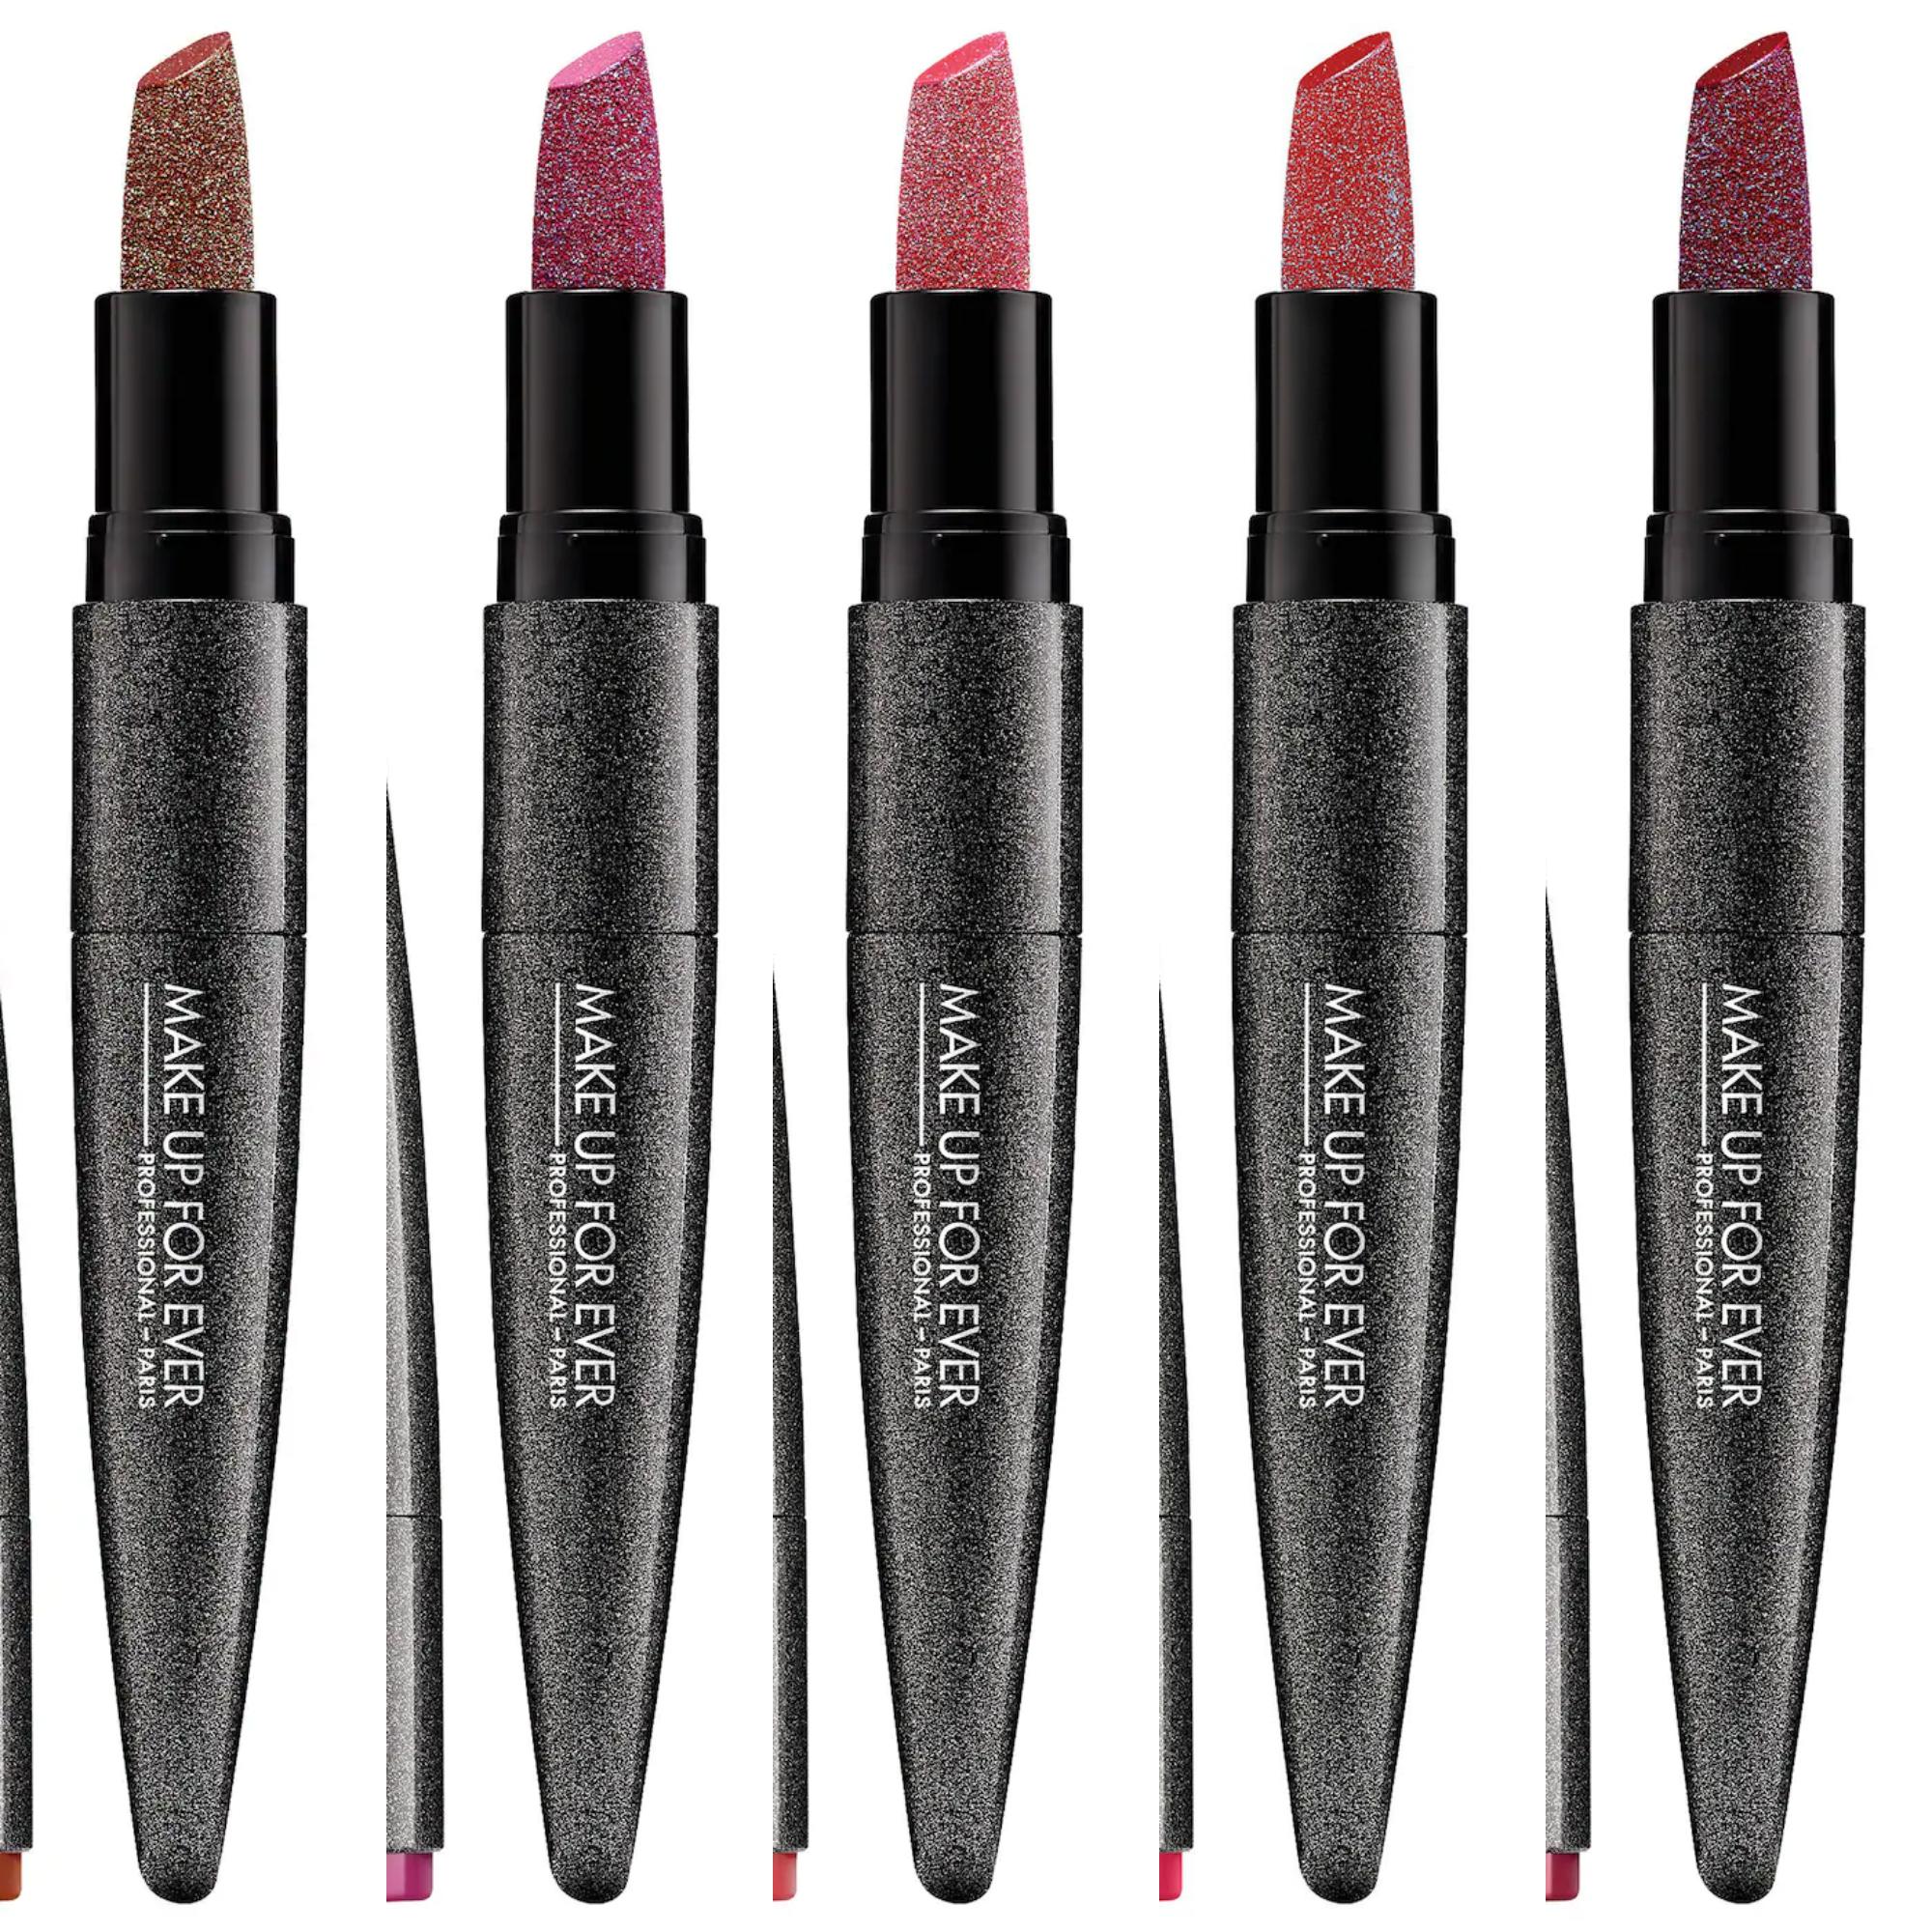 Makeup Forever Rouge Artist Sparkle